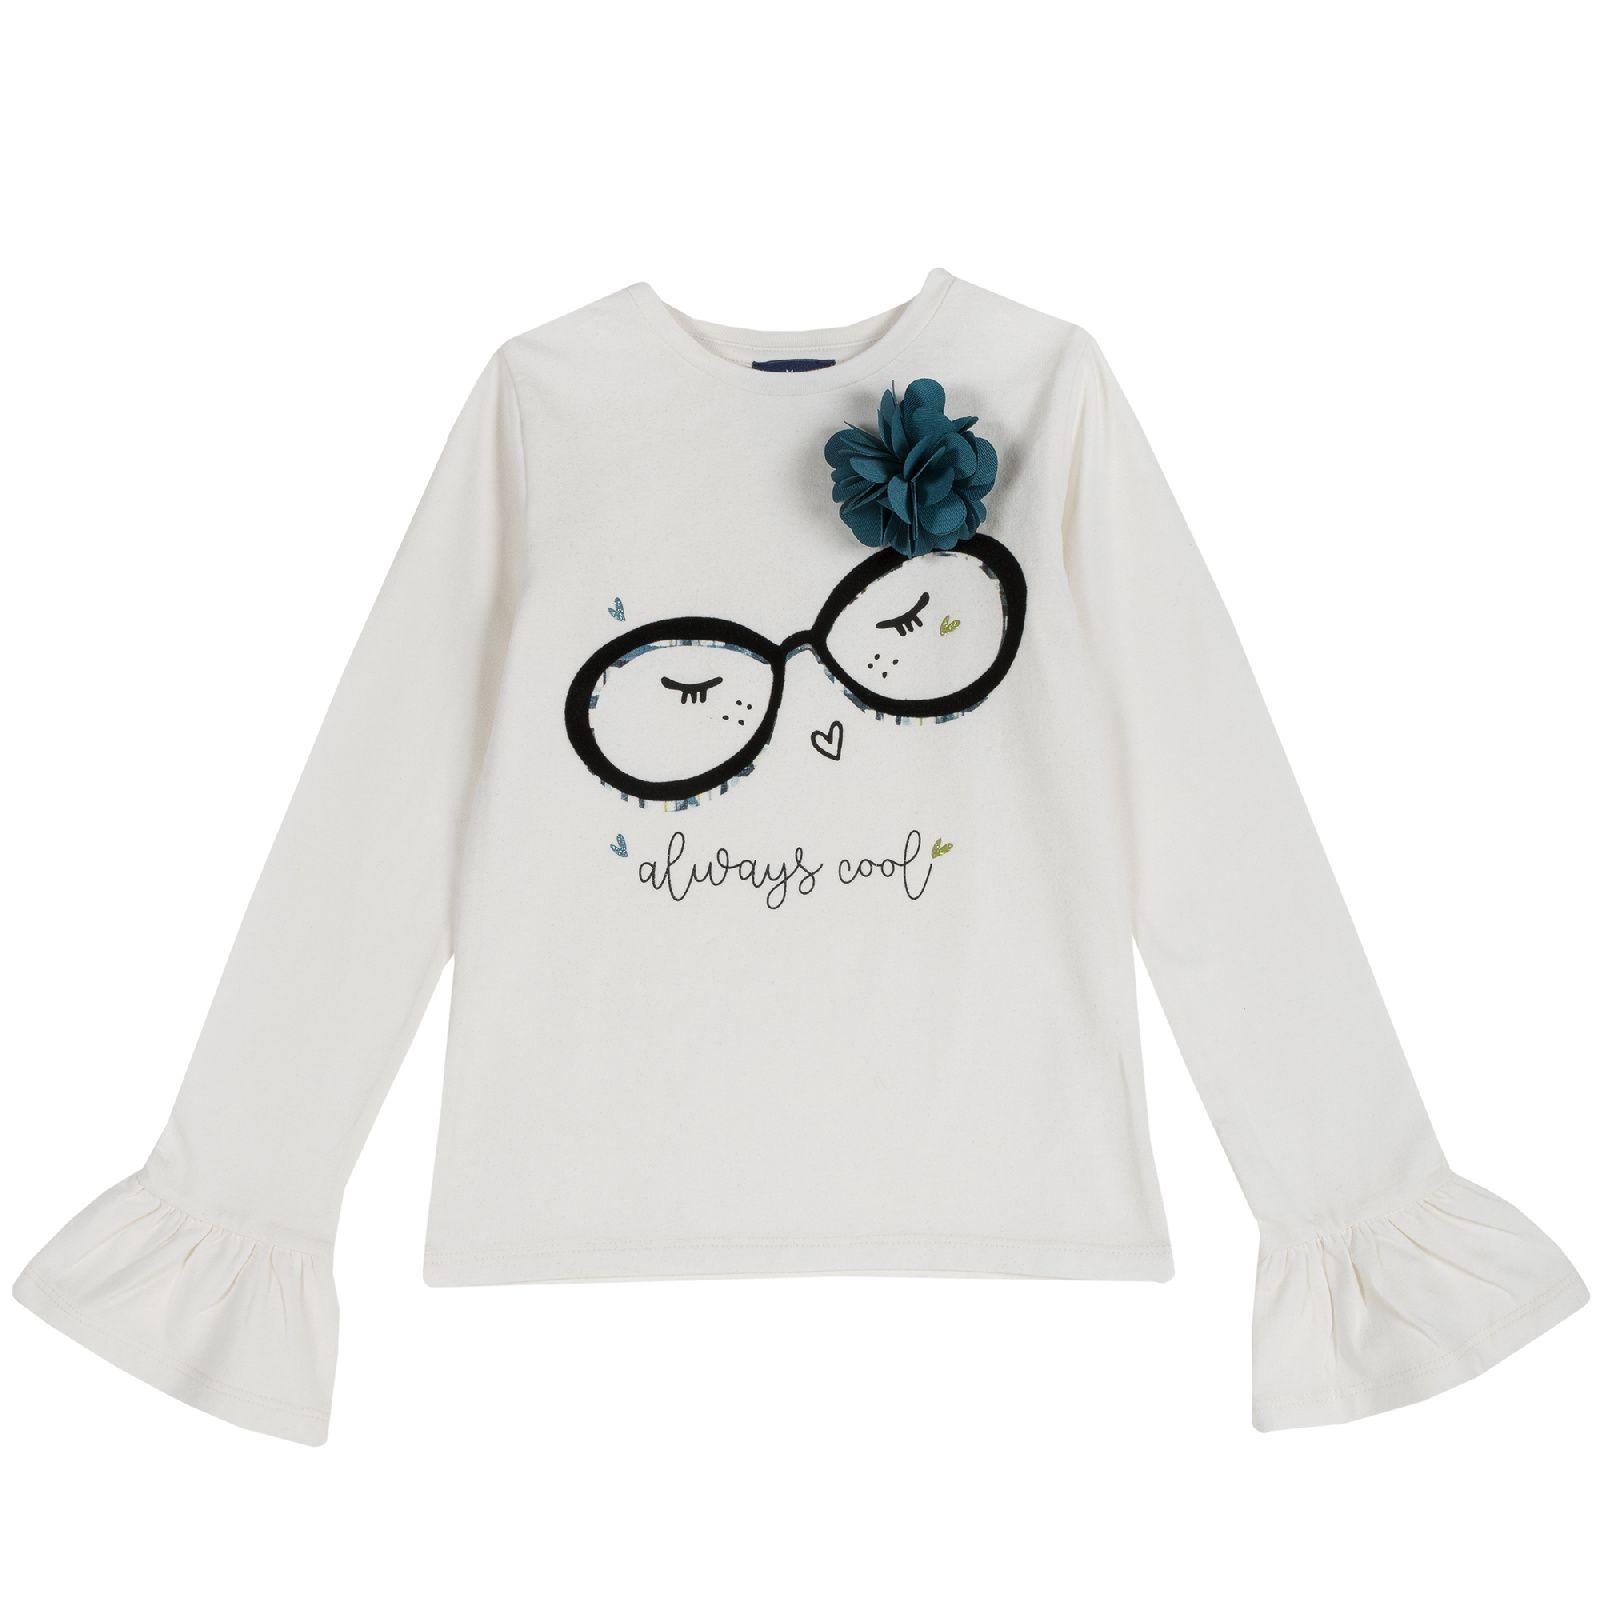 Купить 09006514, Лонгслив Chicco, размер 110, принт always cool очки, цвет белый,